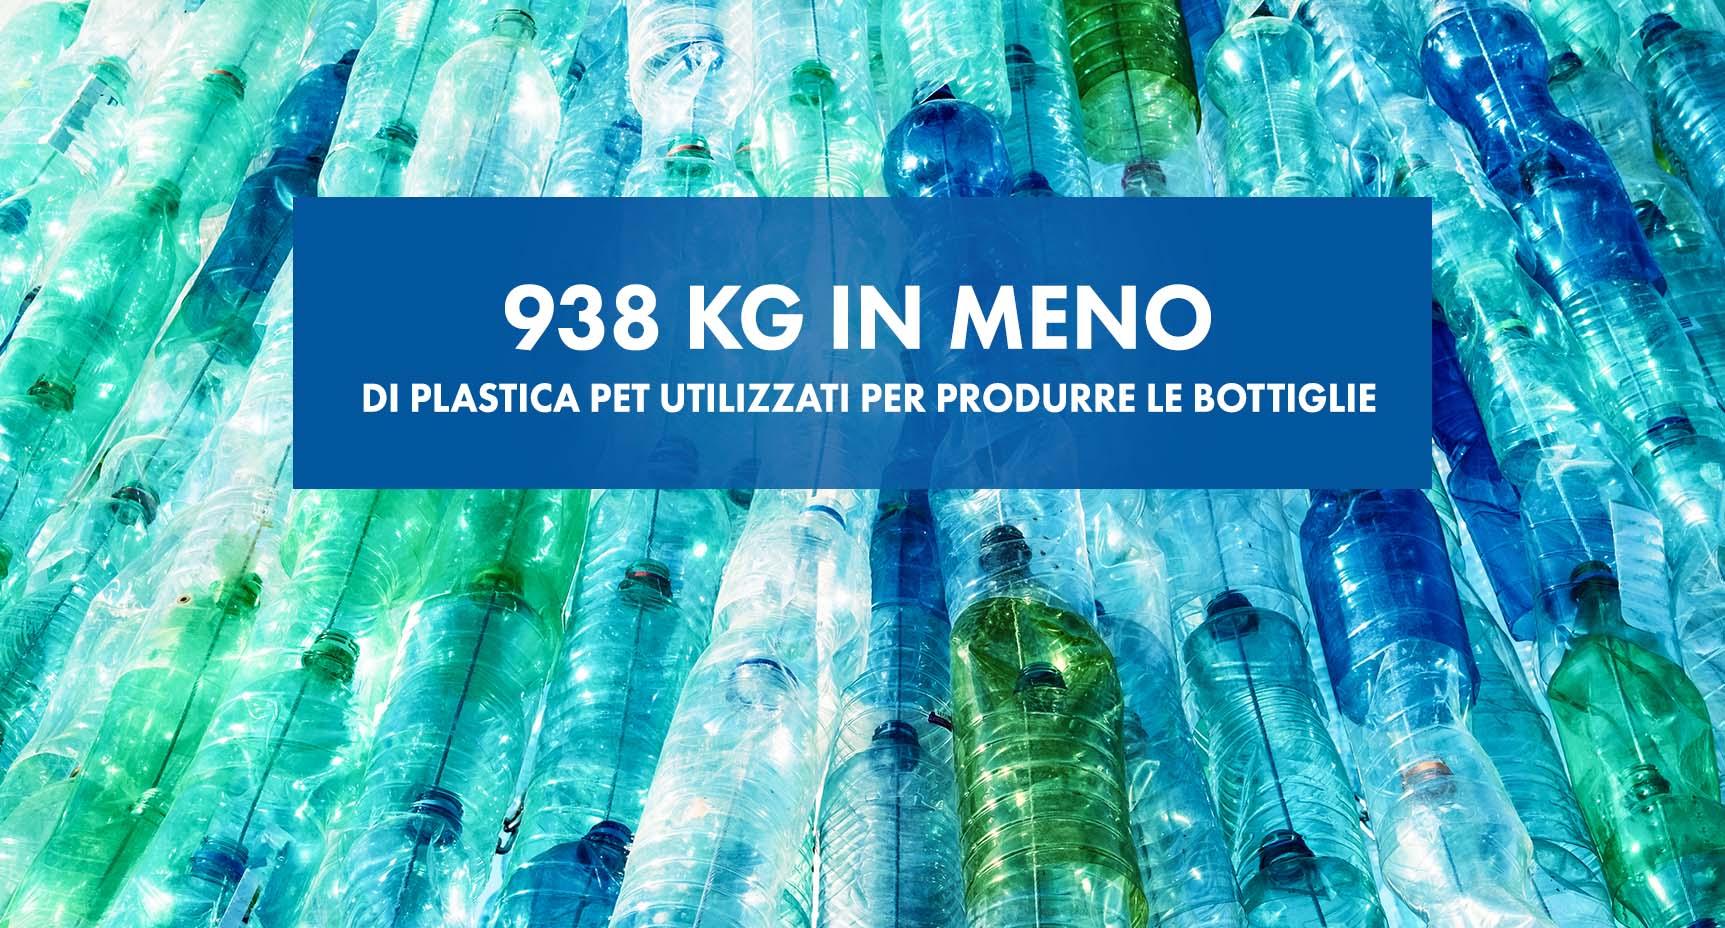 Plastic-free-water-bottiglie_di_plastica_in_meno-min